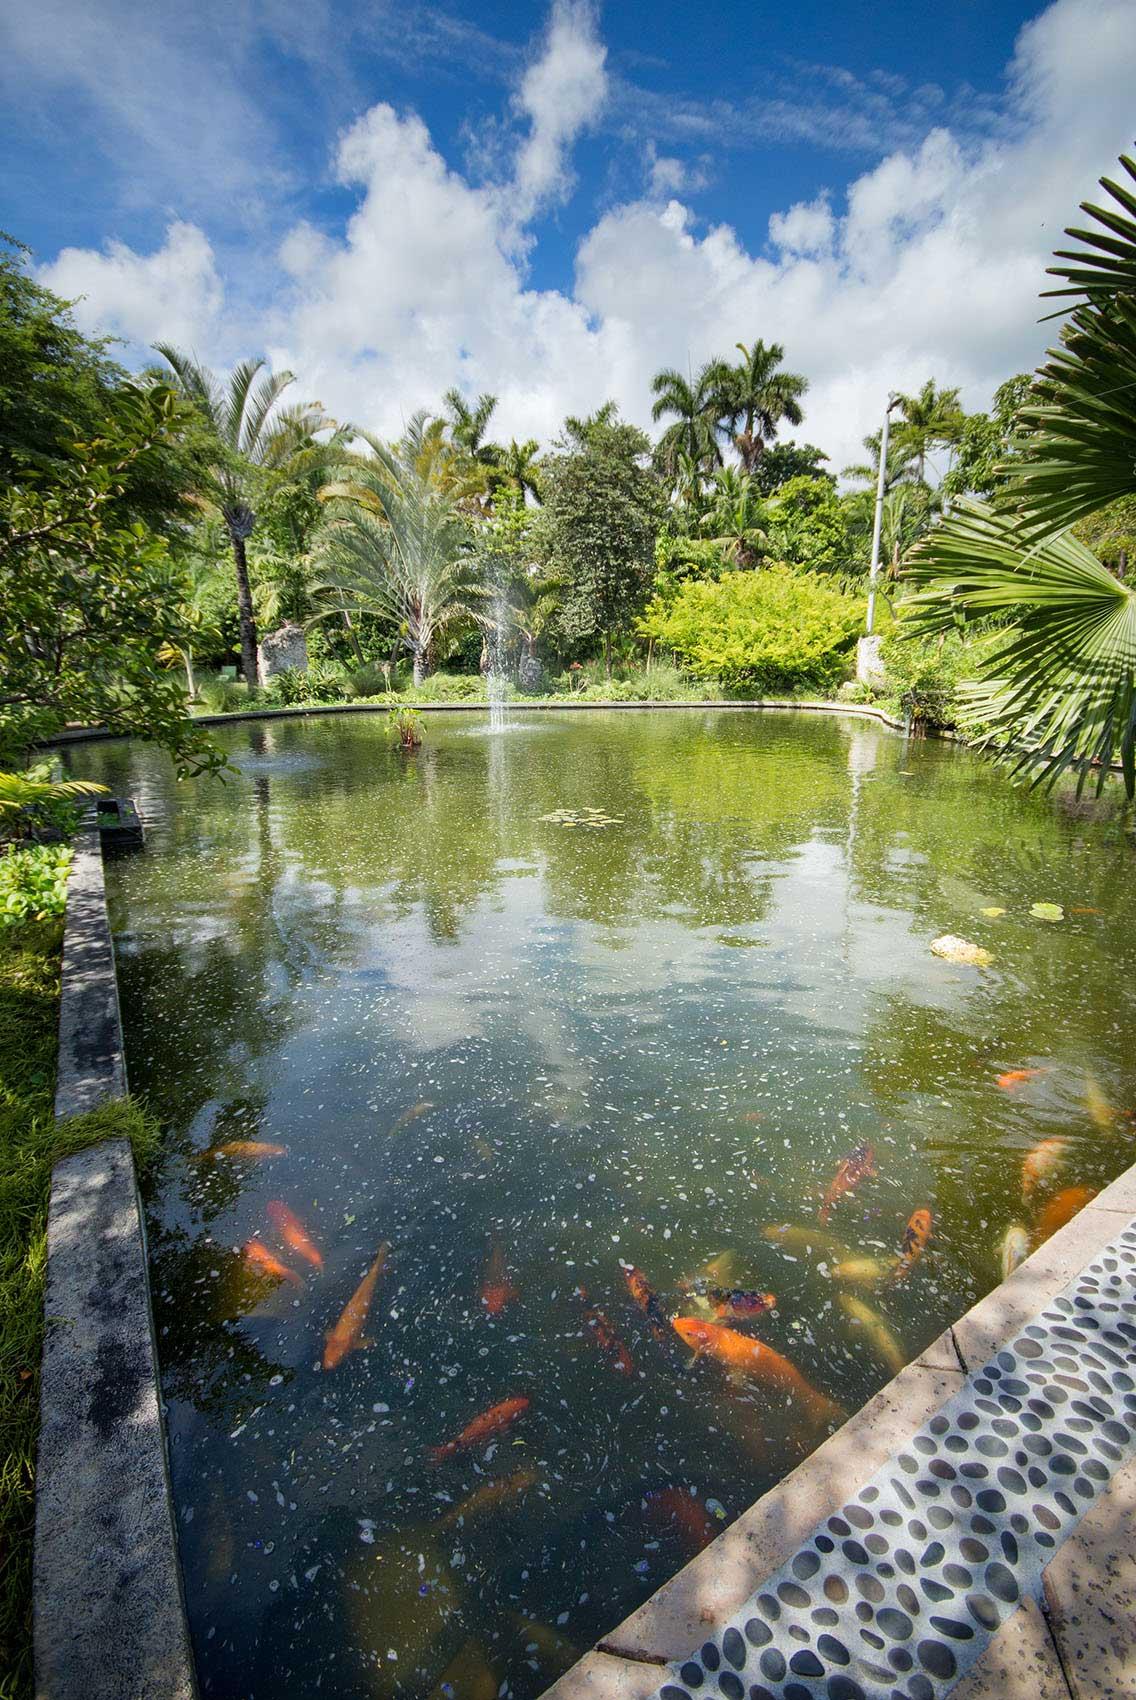 Miami Beach Botanical Garden - ENJOY MIAMI BEACH